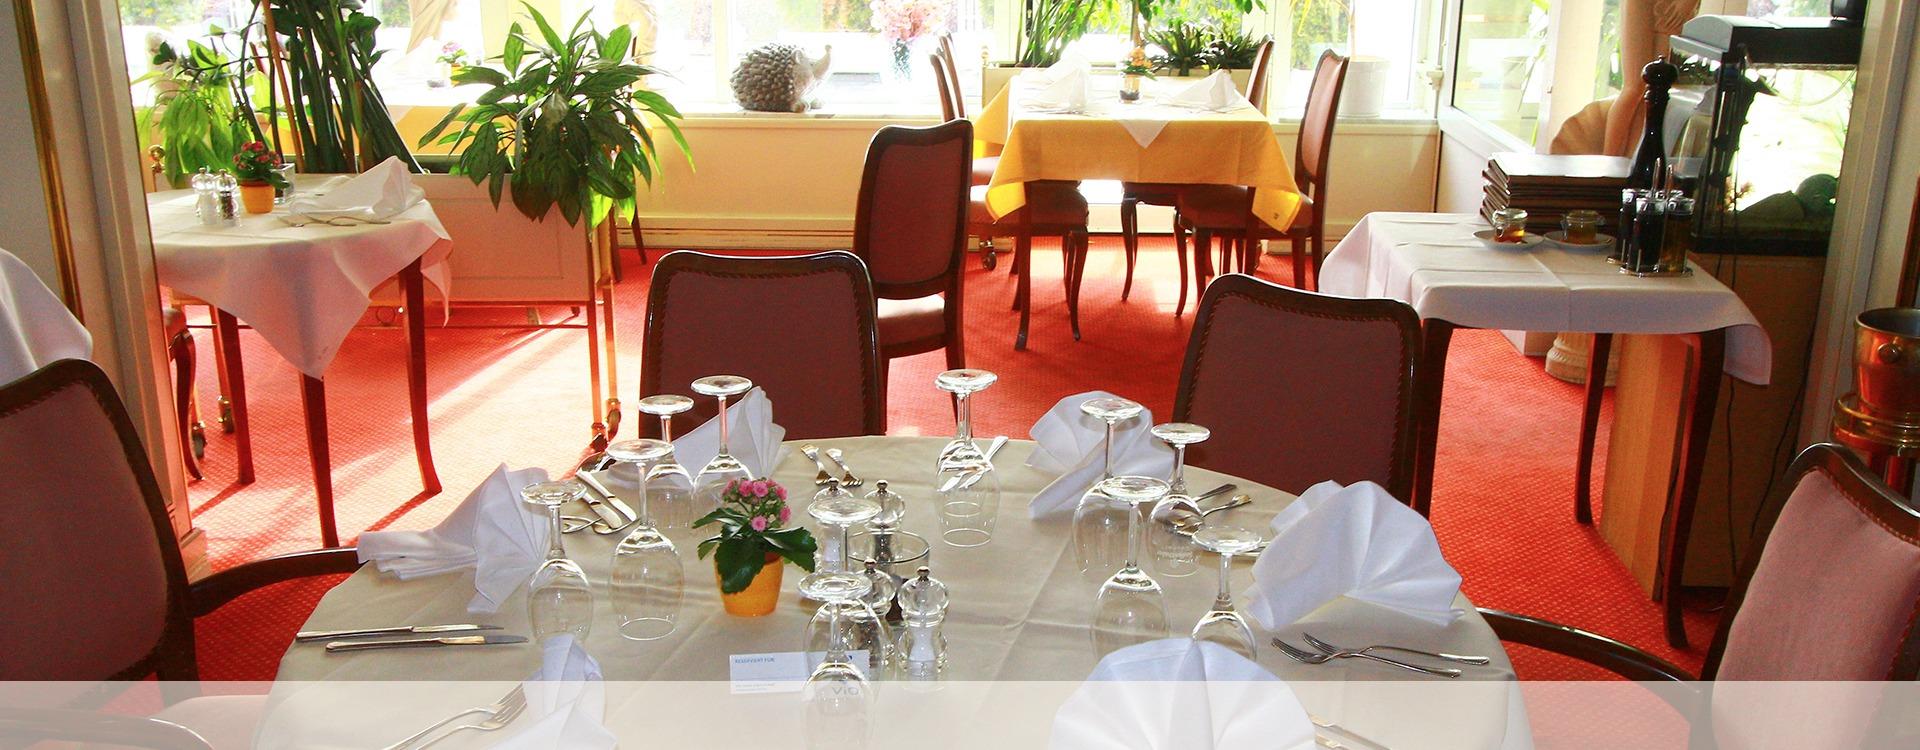 Hotel Restaurant mit schönem Ambiente in Eichenau